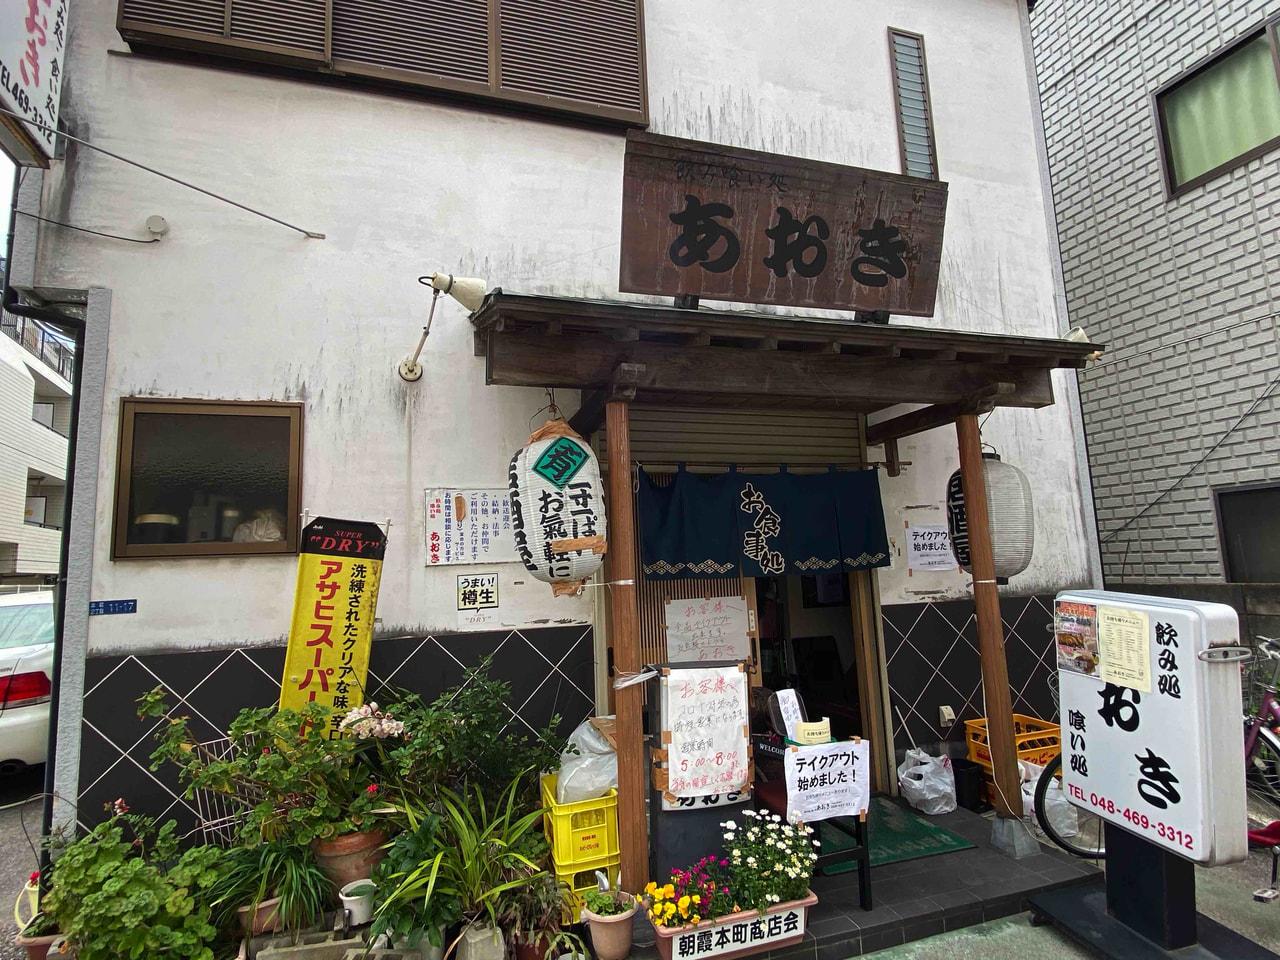 飲み処あおき(朝霞市)のお店の外観